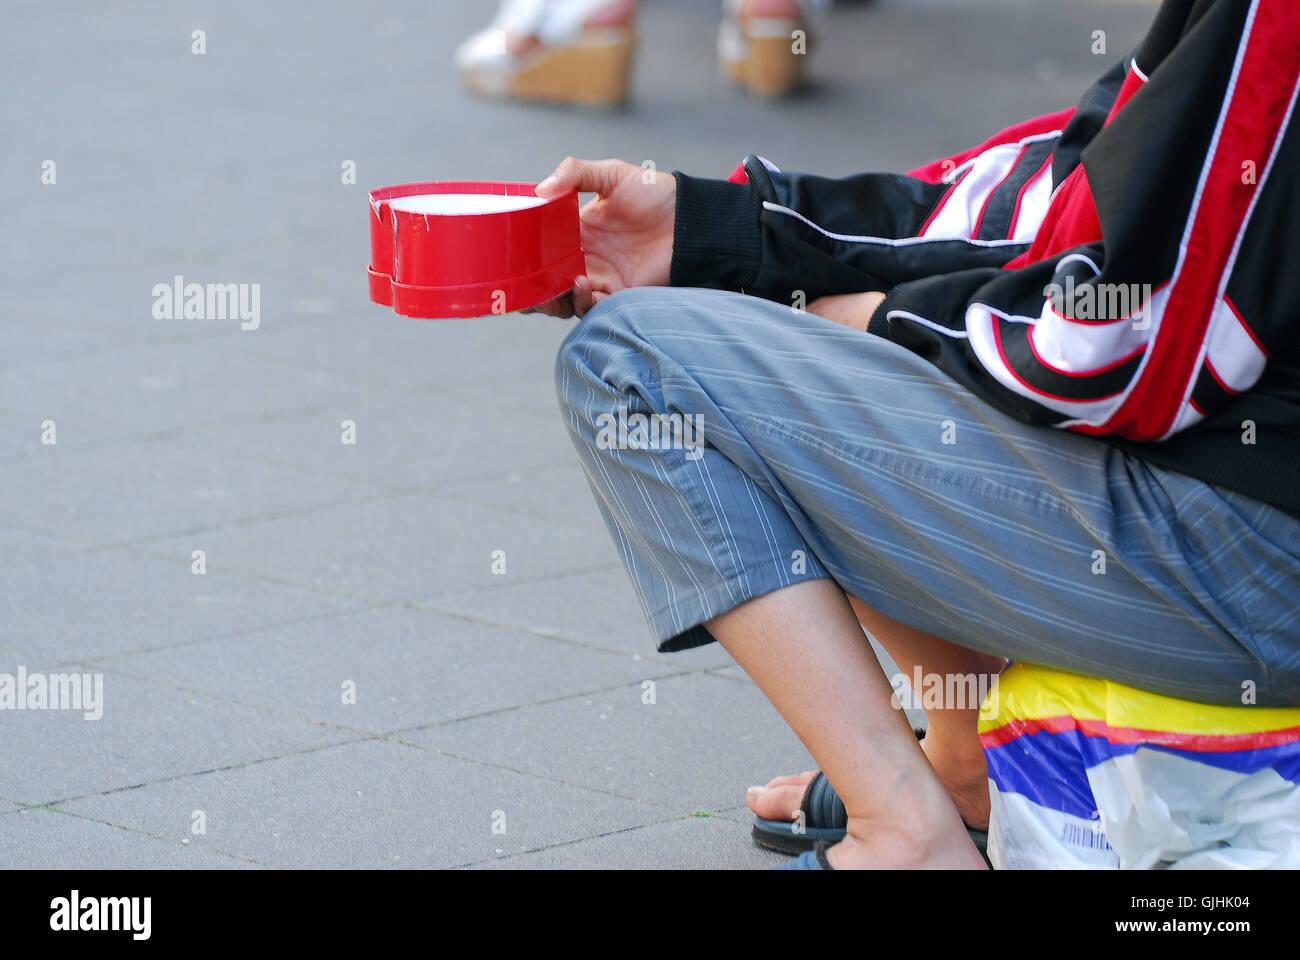 affliction emergency beg - Stock Image